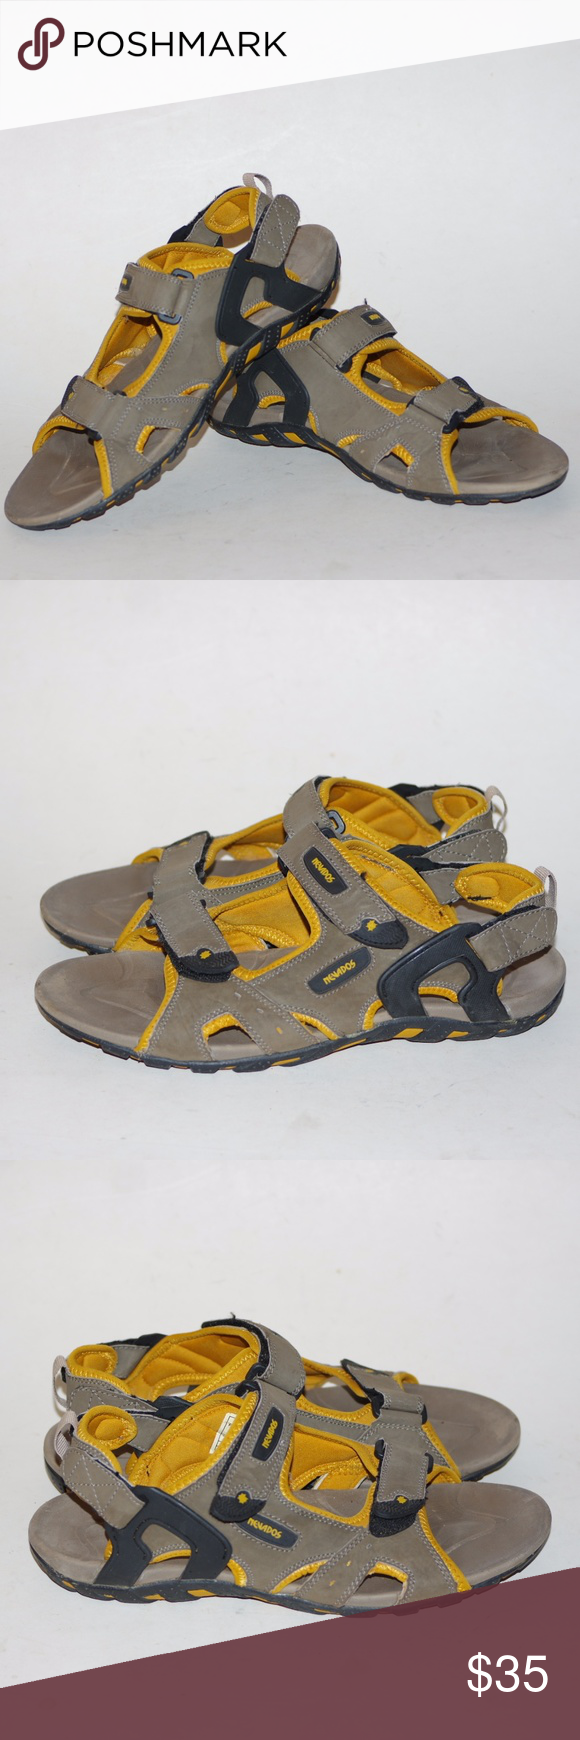 a04b0c6793fb Nevados sport sandals comfy beach bum shoes men nevados sport sandals png  580x1740 Mens nevados sandels